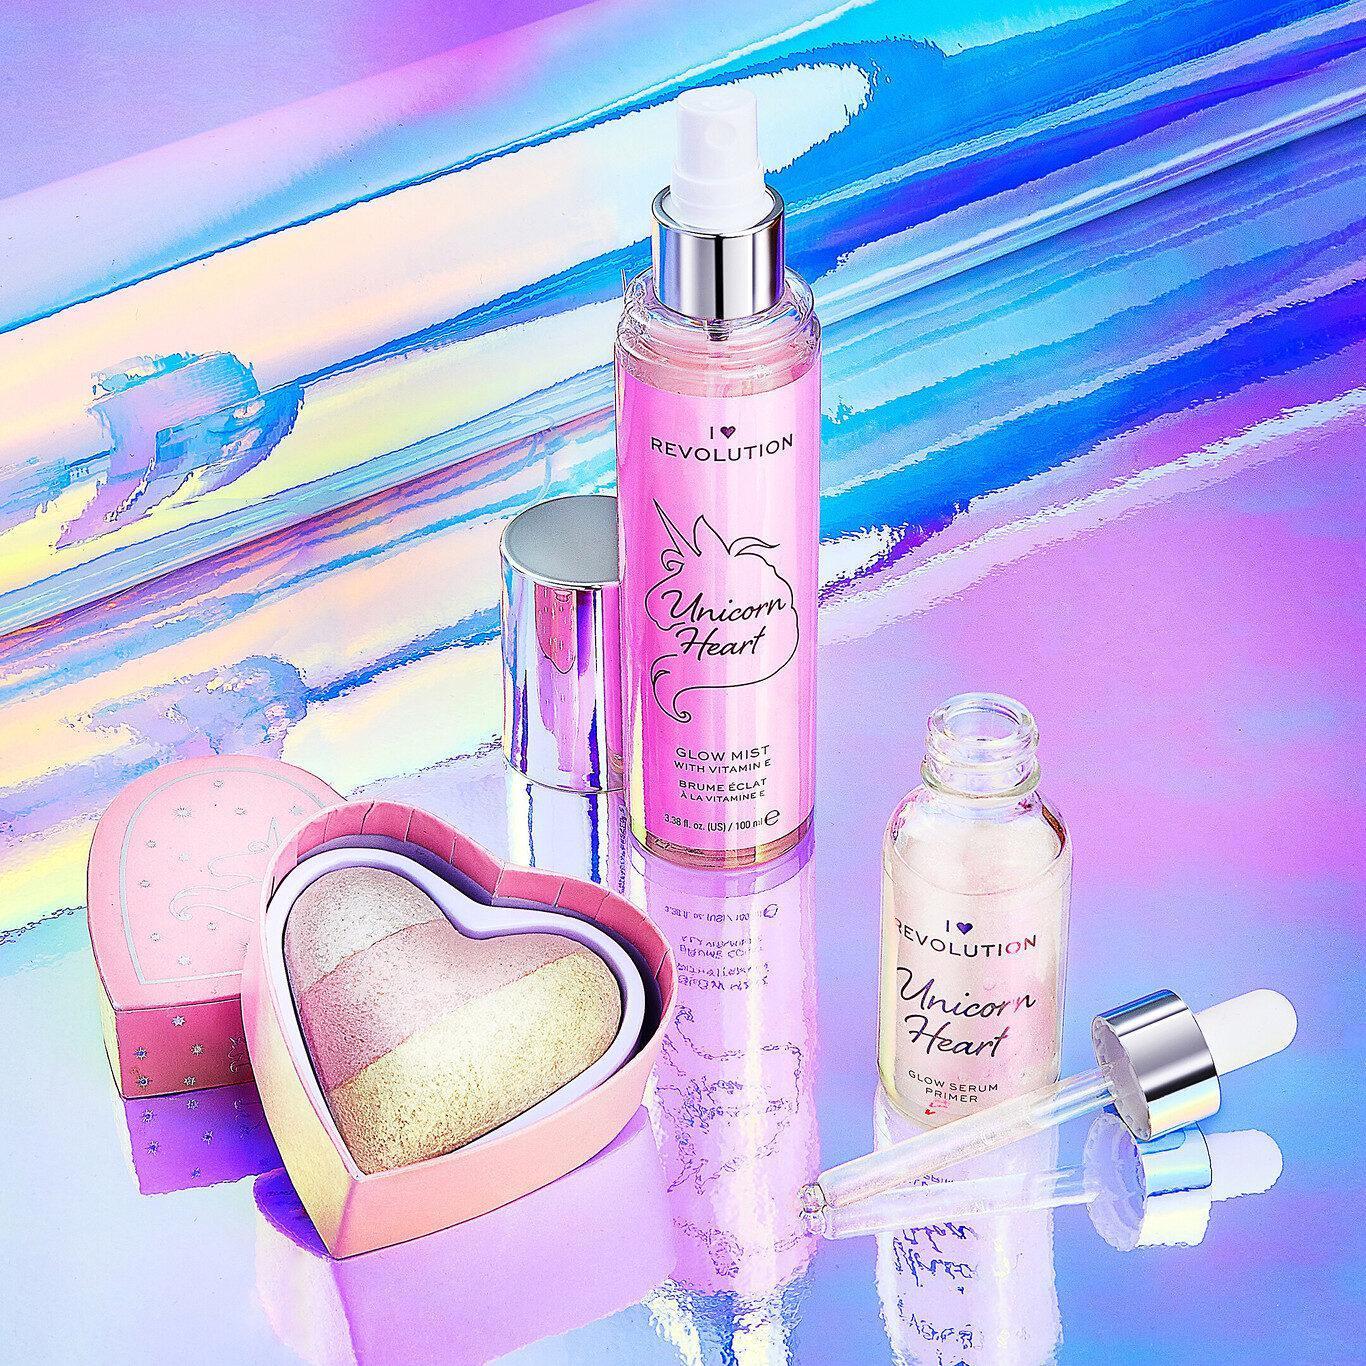 I Heart Revolution Unicorn Heart Glow Heart Highlighter, Serum Primer & Mist Setting Spray Promo